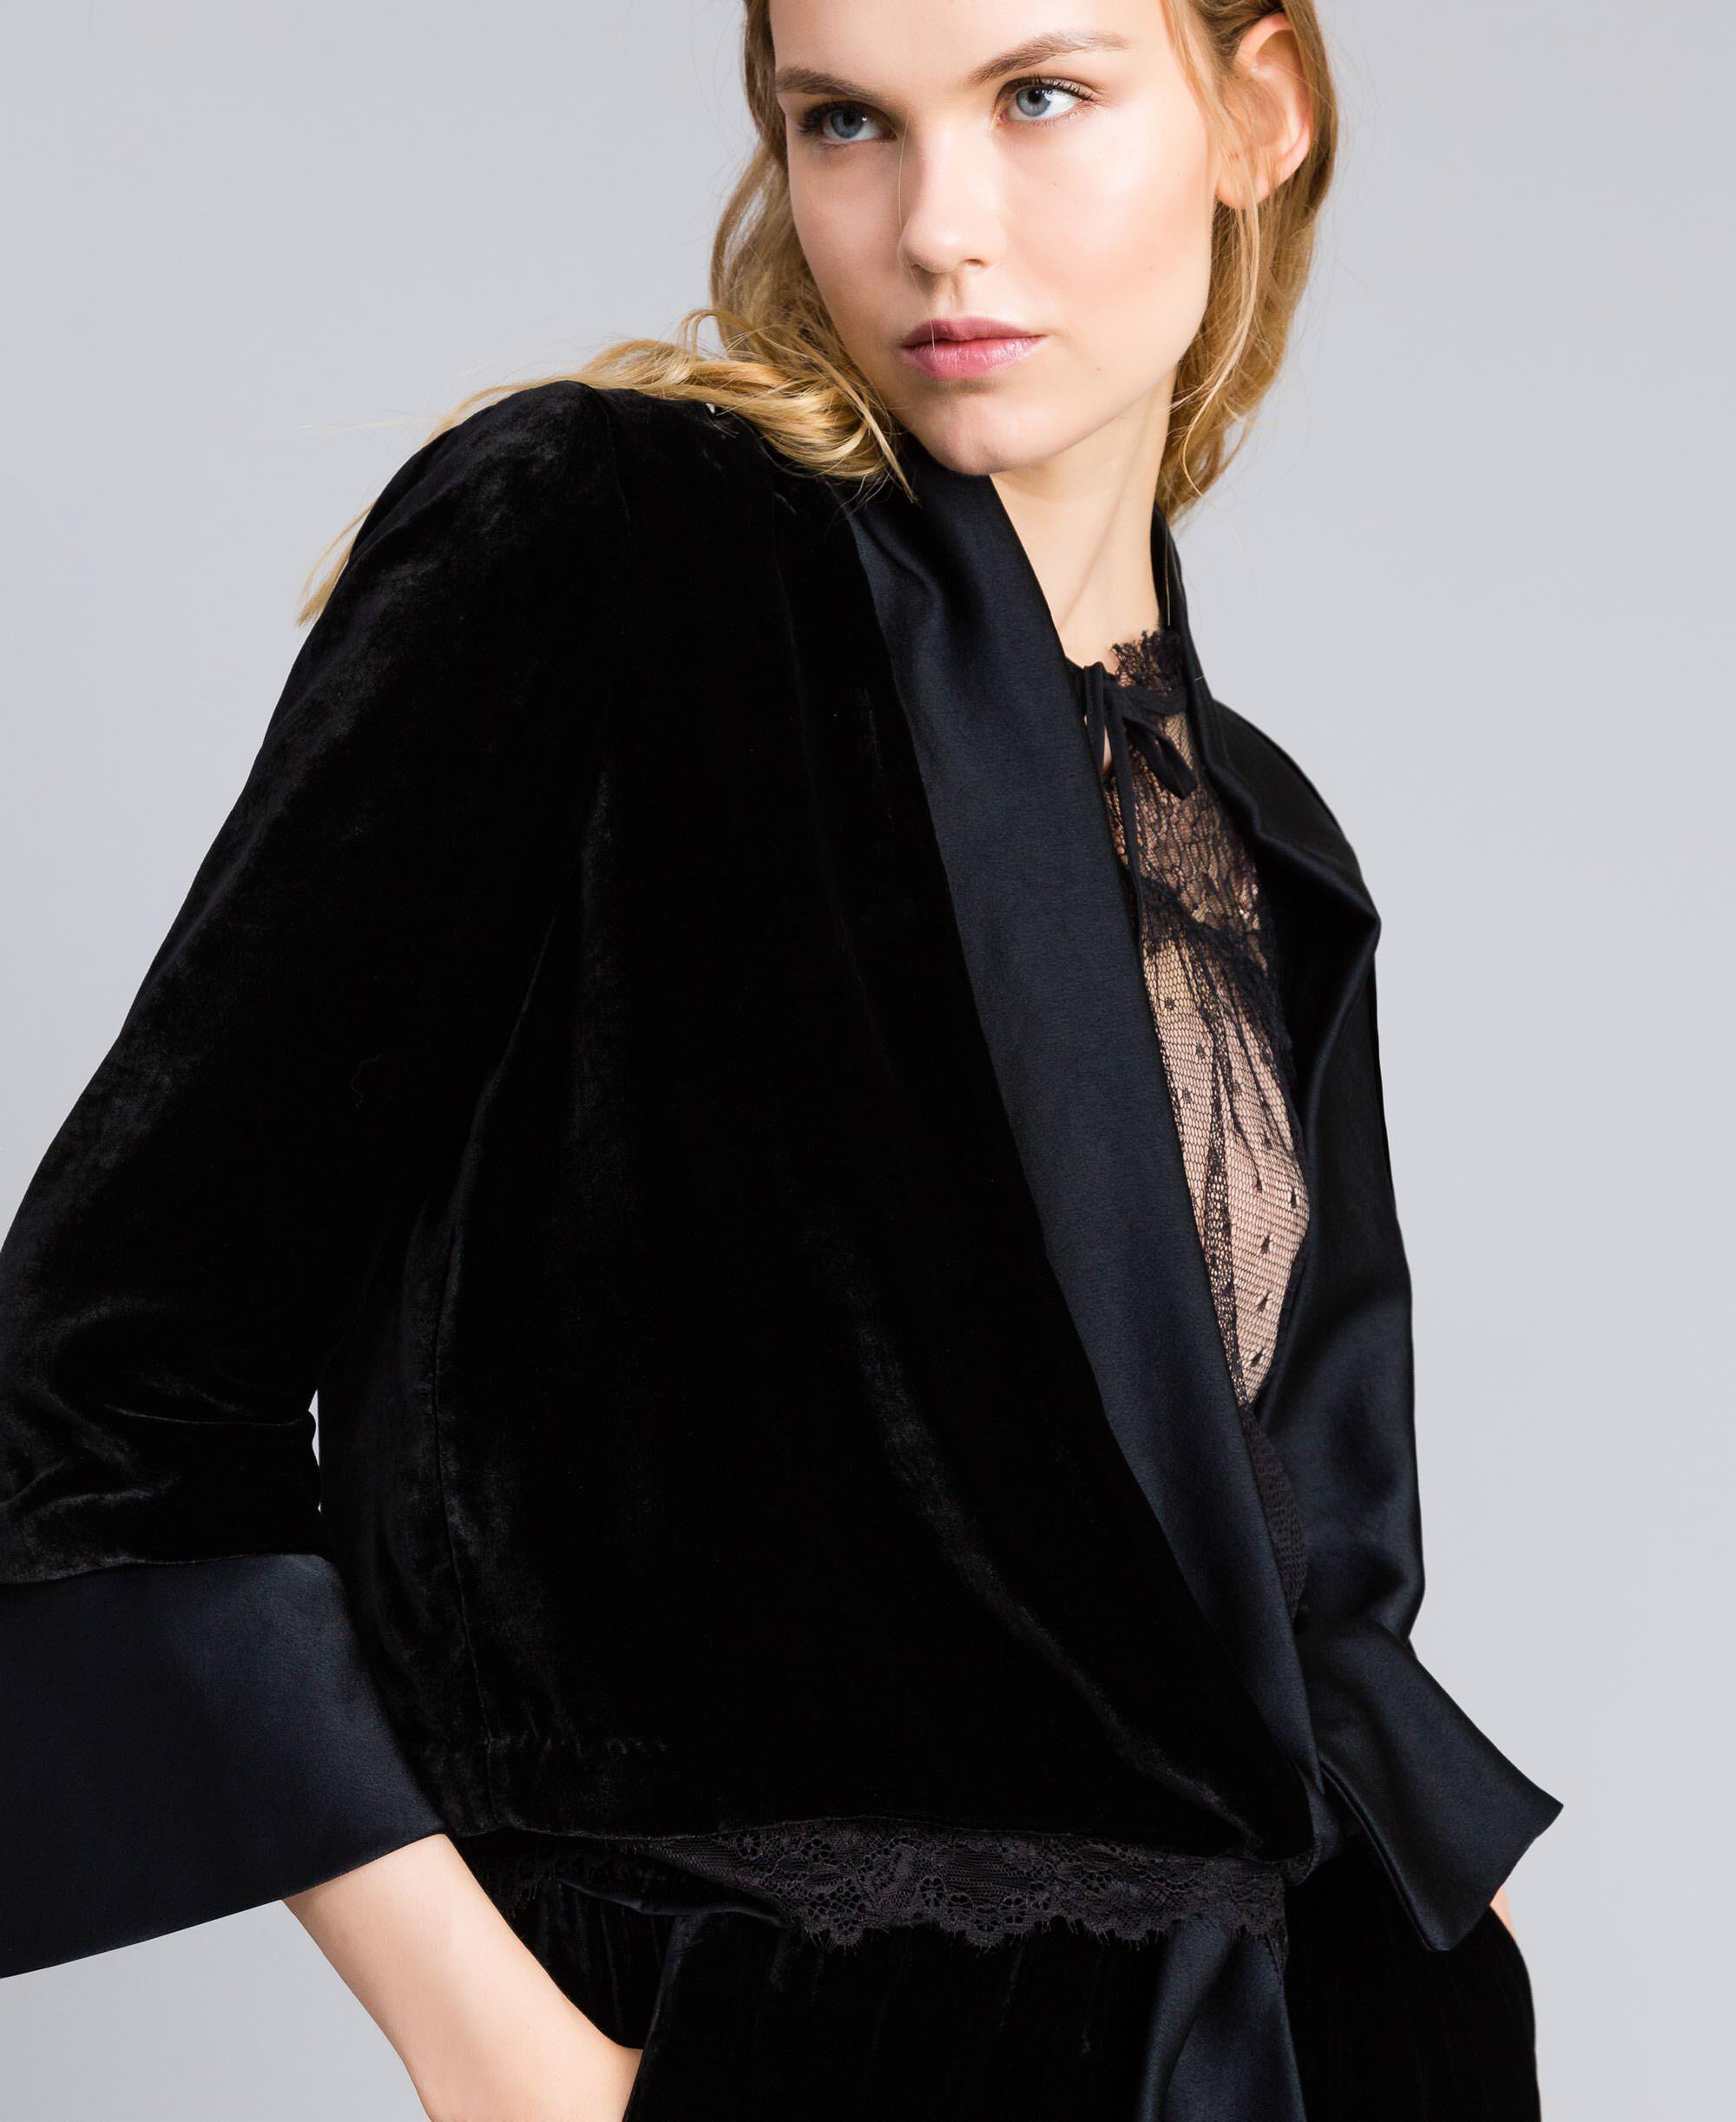 брандмауэра это интересные фасоны пиджаков из бархата фото выбирается тот